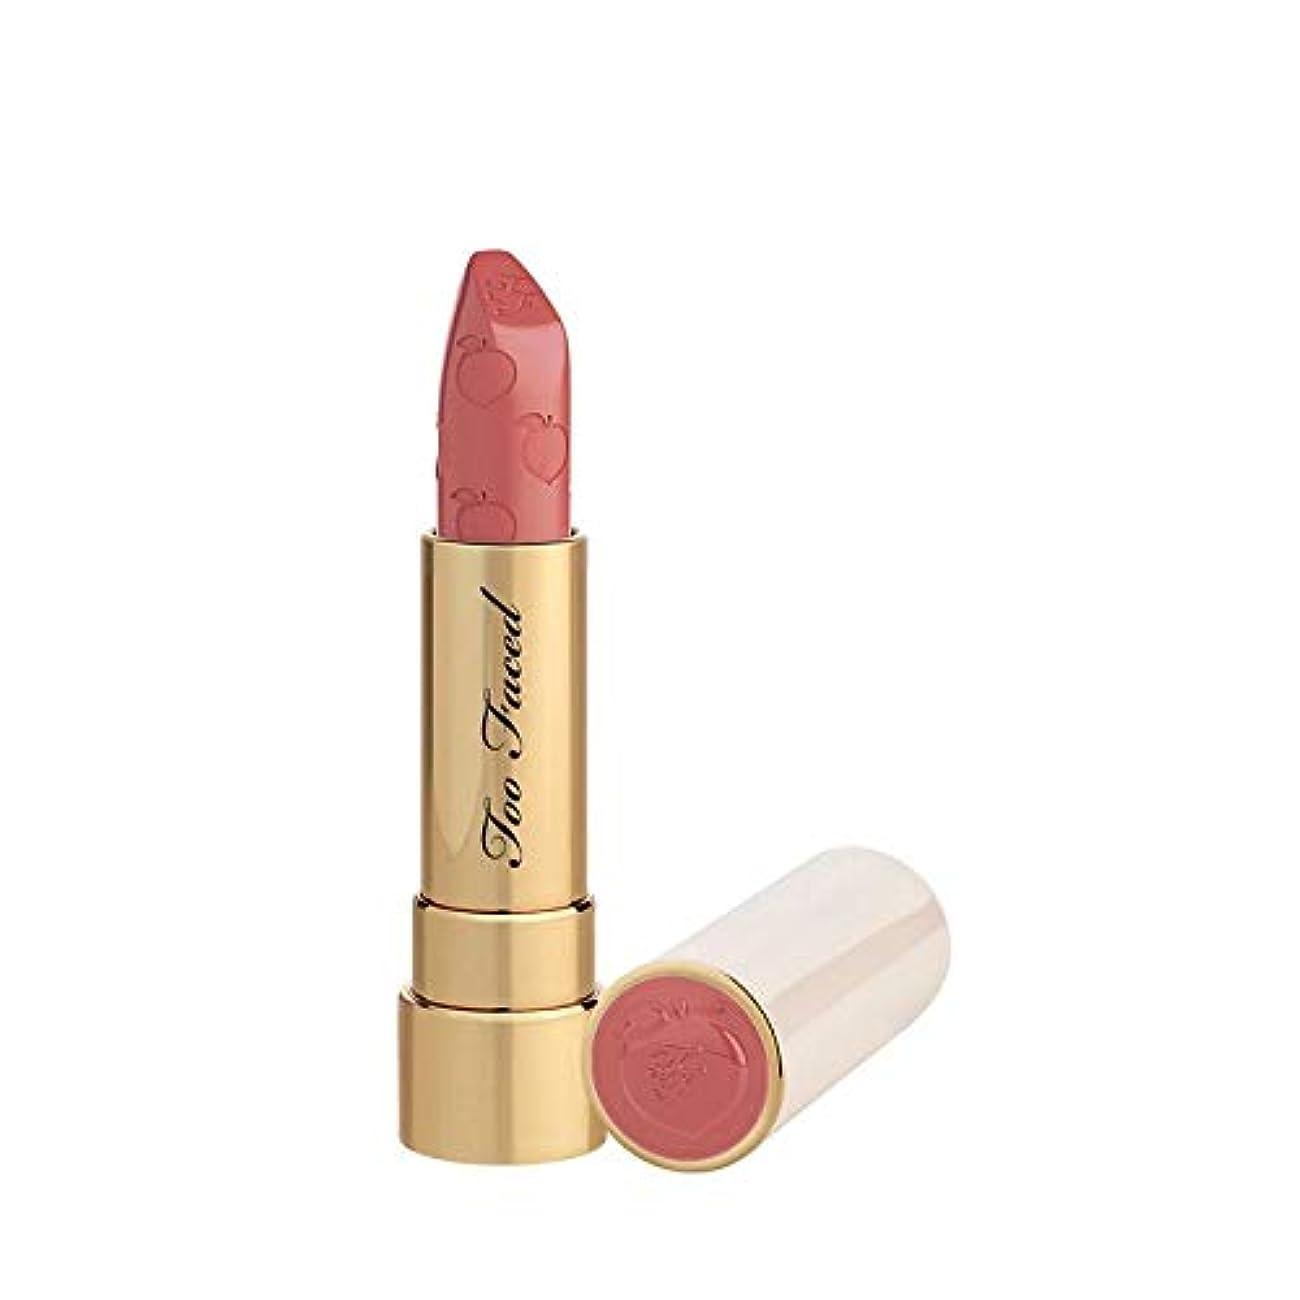 部分フォアマン壊れたTOO FACED Peach Kiss Moisture Matte Long Wear Lipstick – Peaches and Cream Collection (Bridezilla)